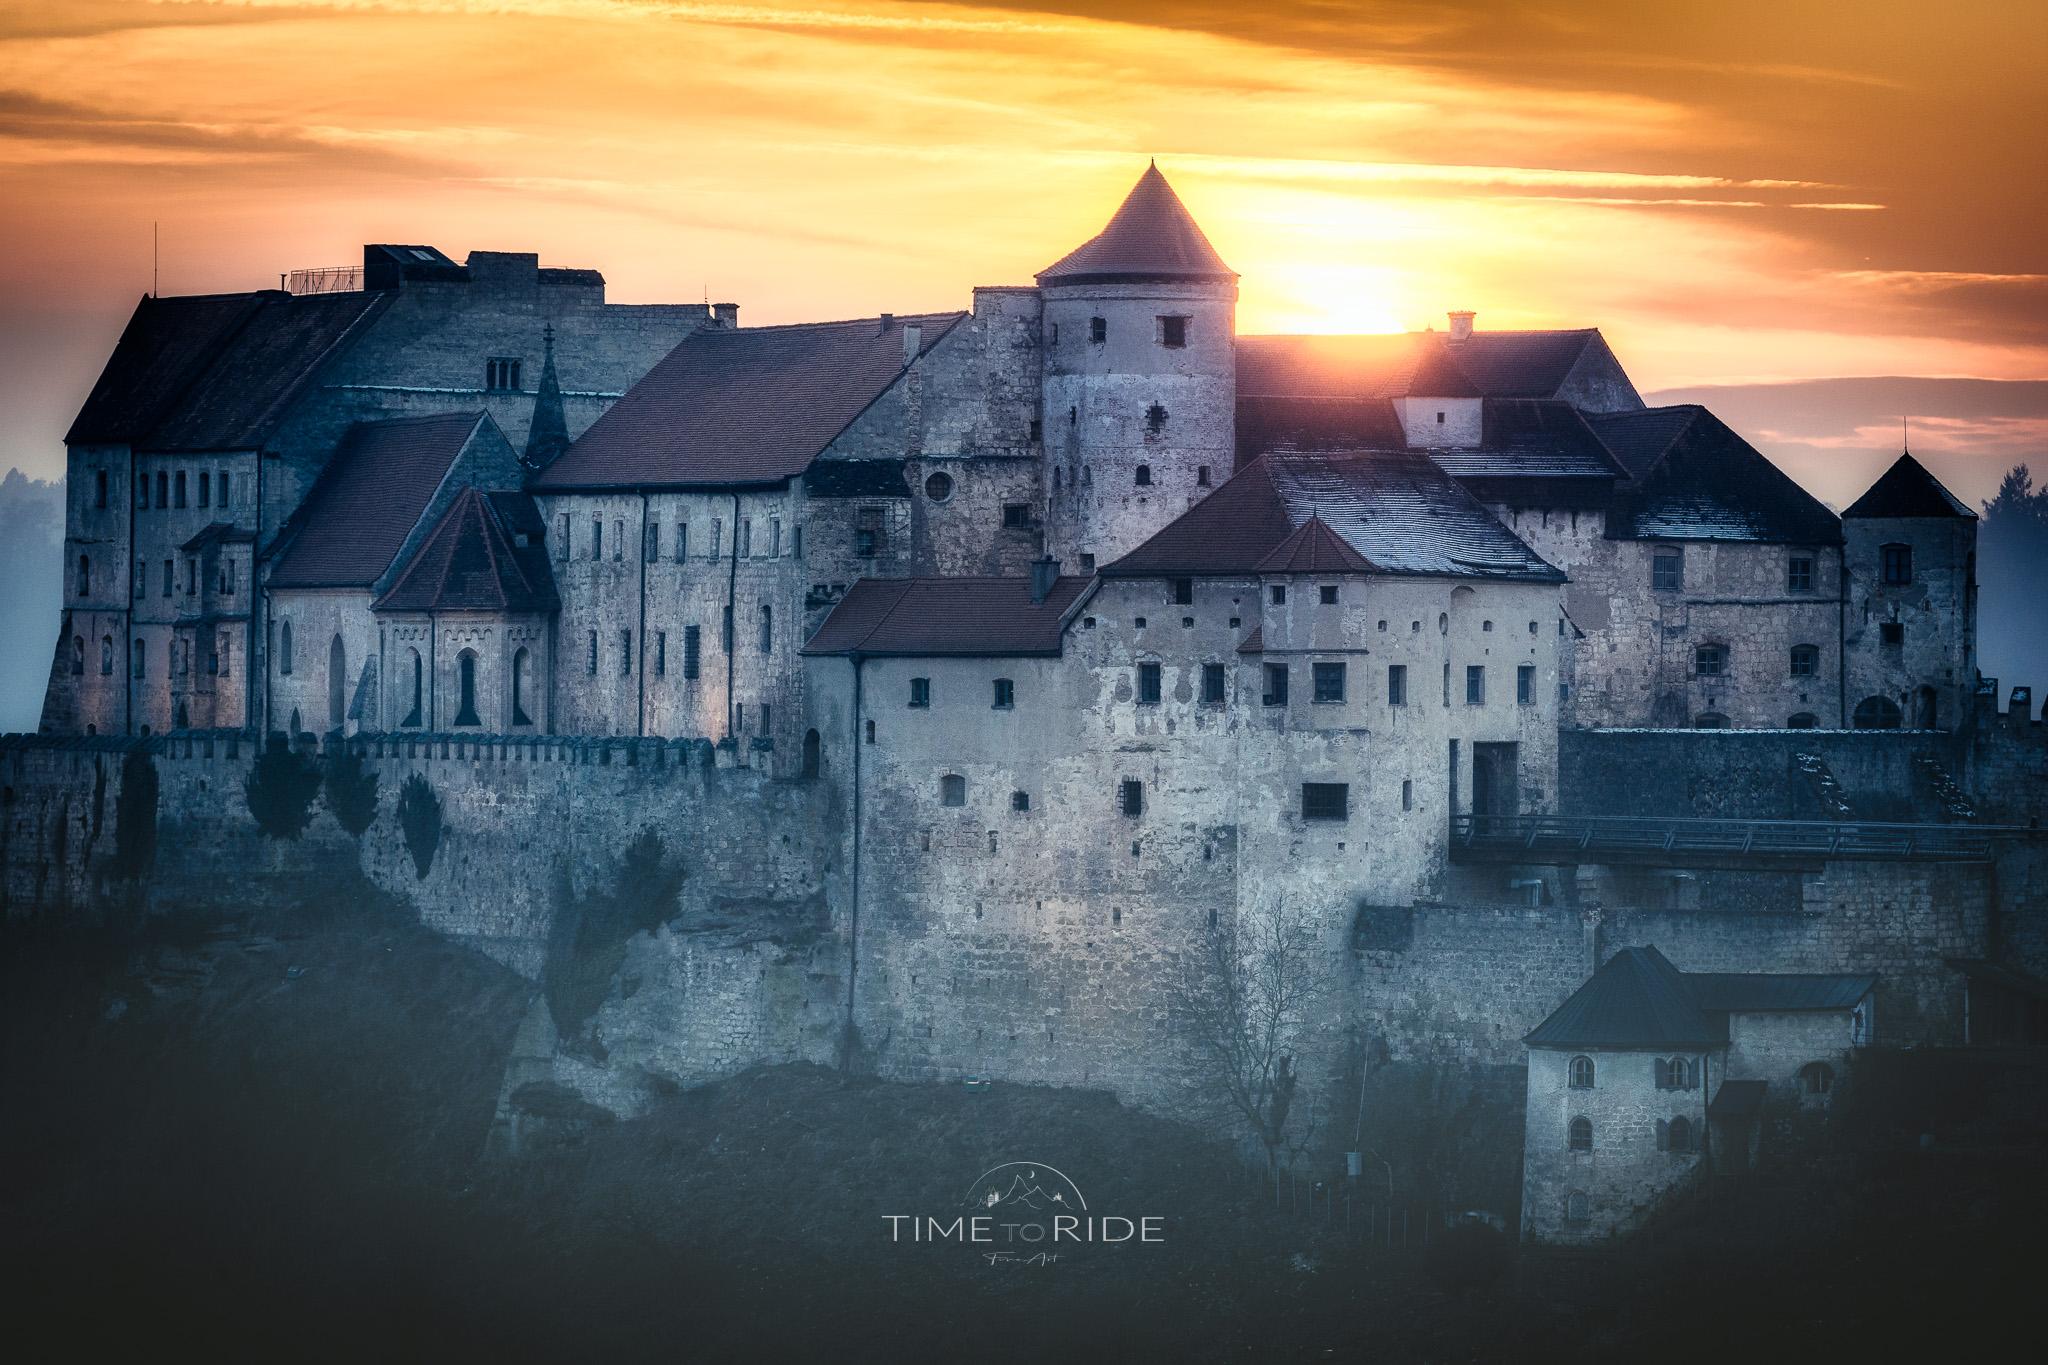 Altstadt & Burg von Burghausen (worlds longest castle), Austria